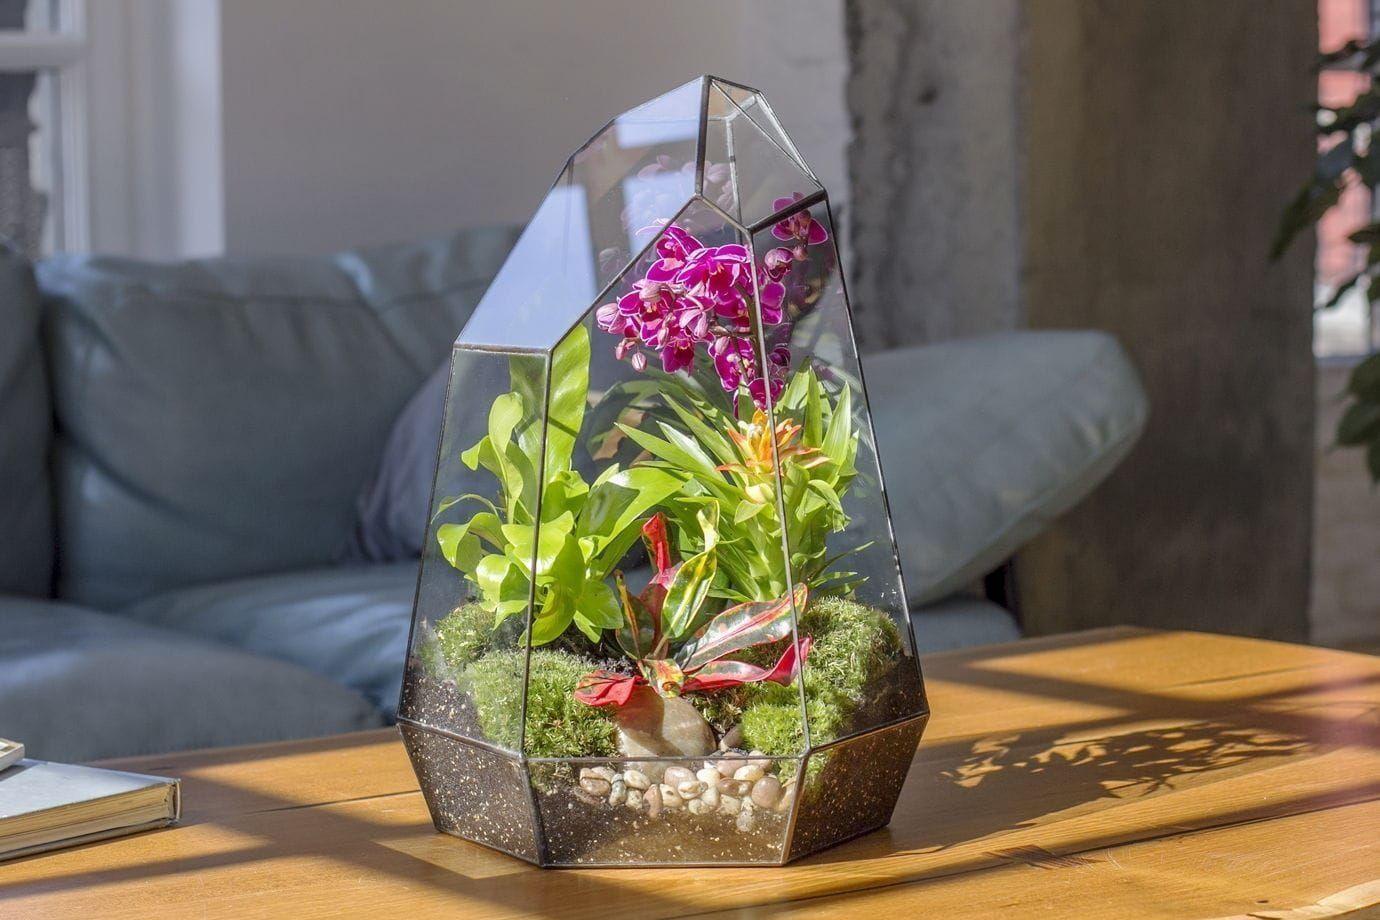 Флорариум вытянутый с орхидеей, зеленью и стабилизированным мхом